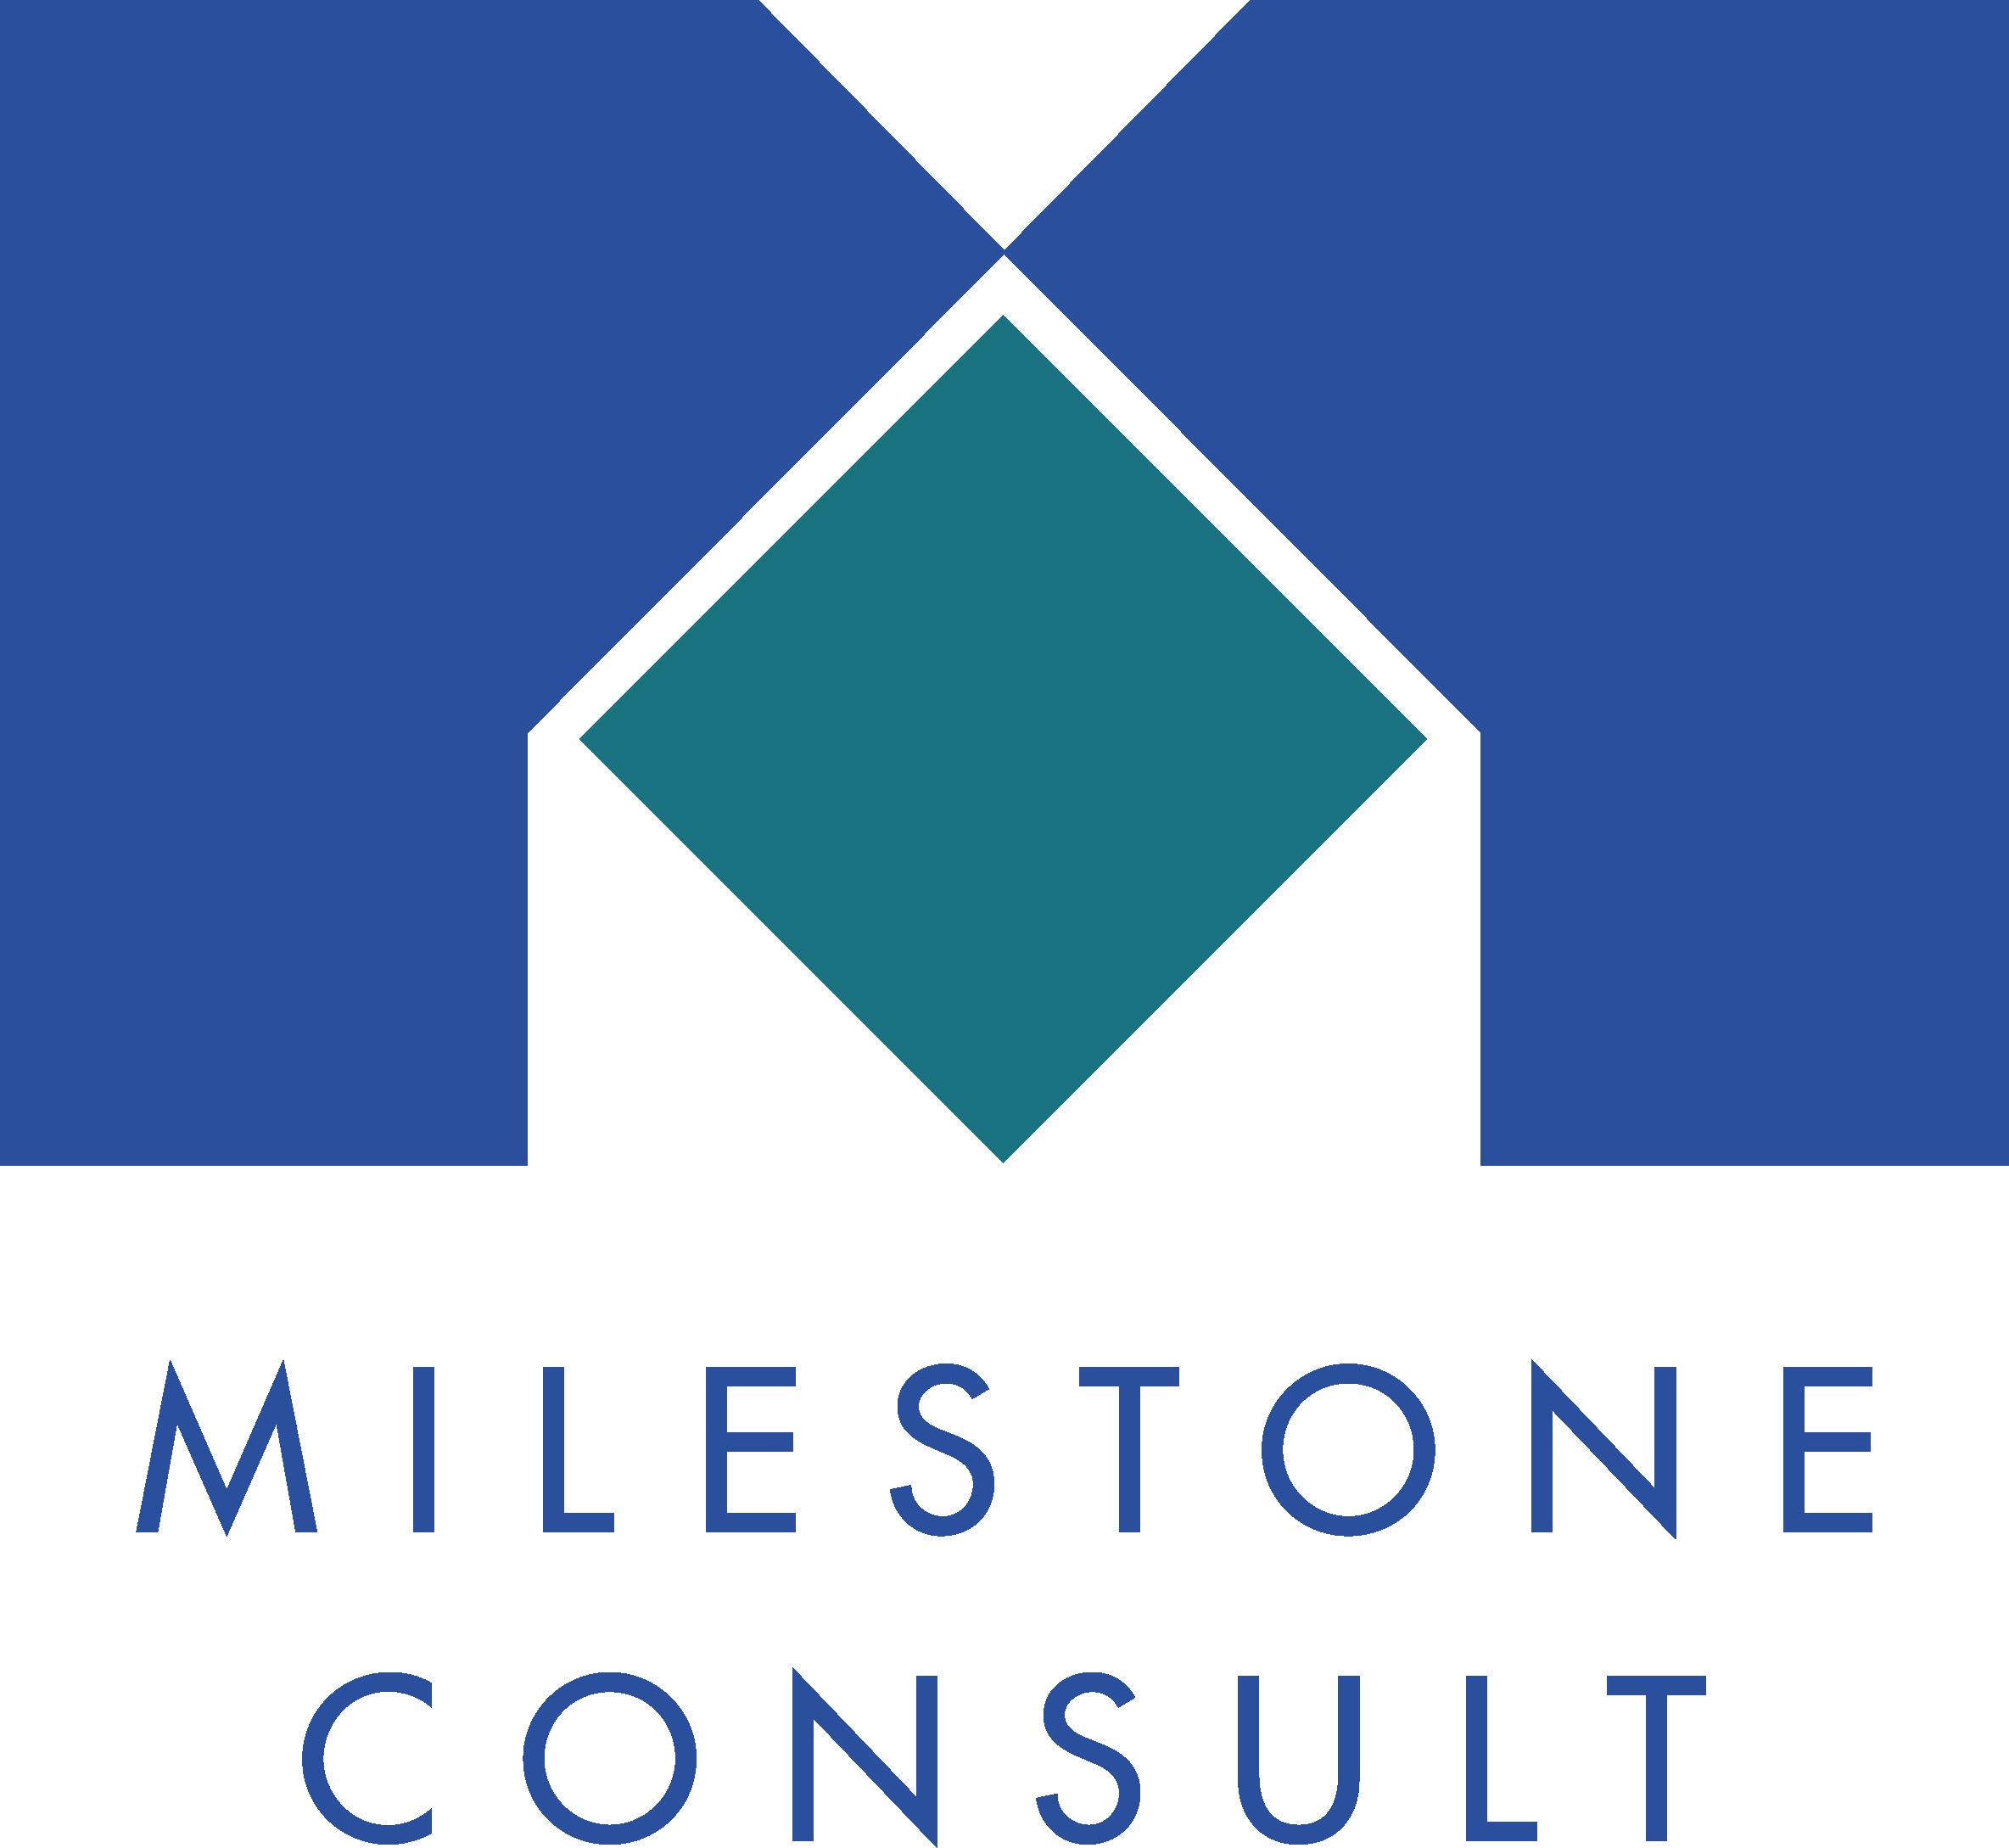 Milestone Consult logo